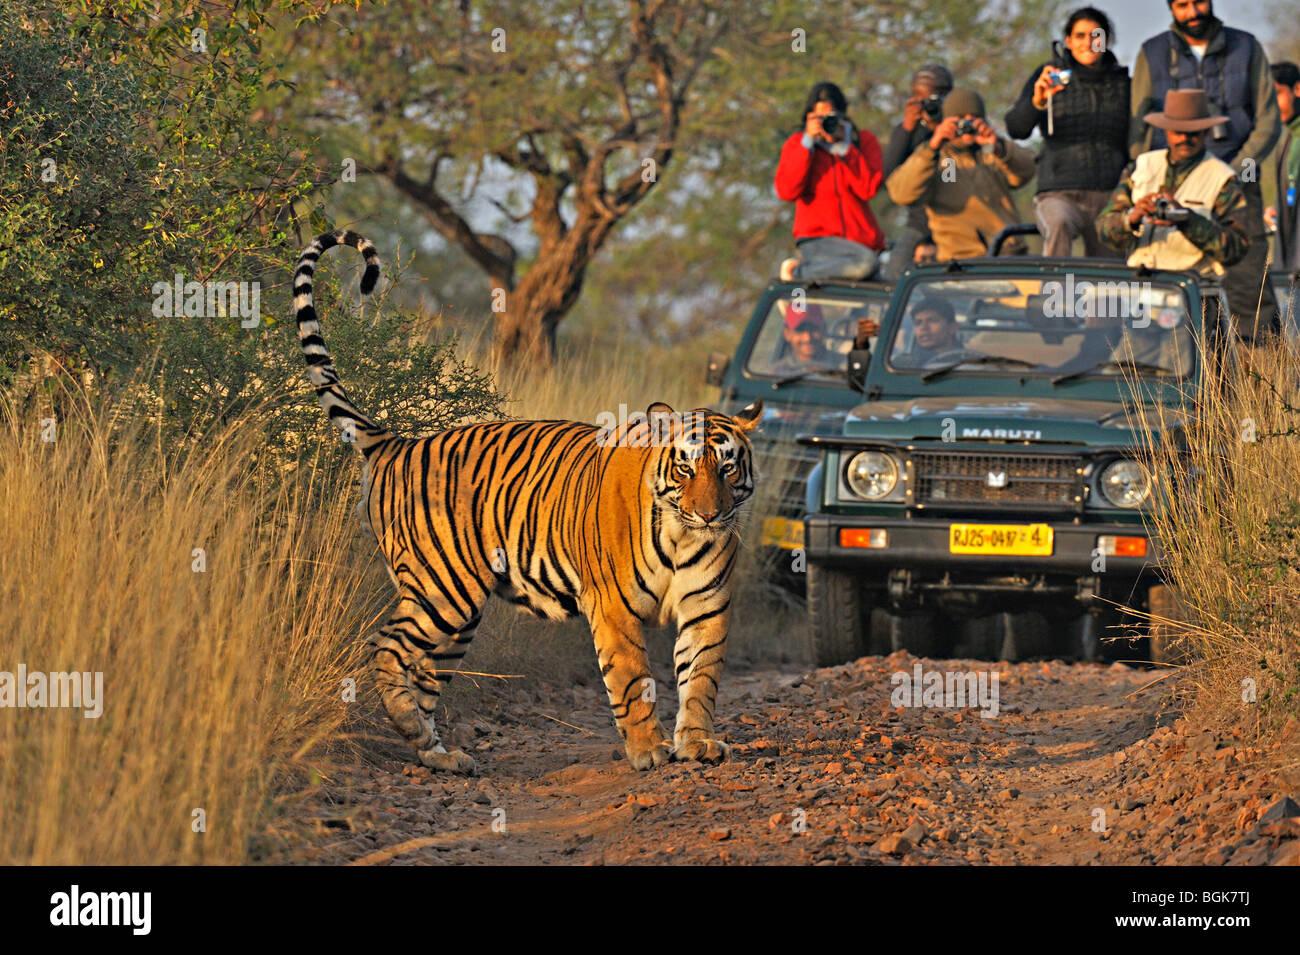 Les véhicules de tourisme à la suite d'un tigre sur un tigre safari dans la réserve de tigres Photo Stock